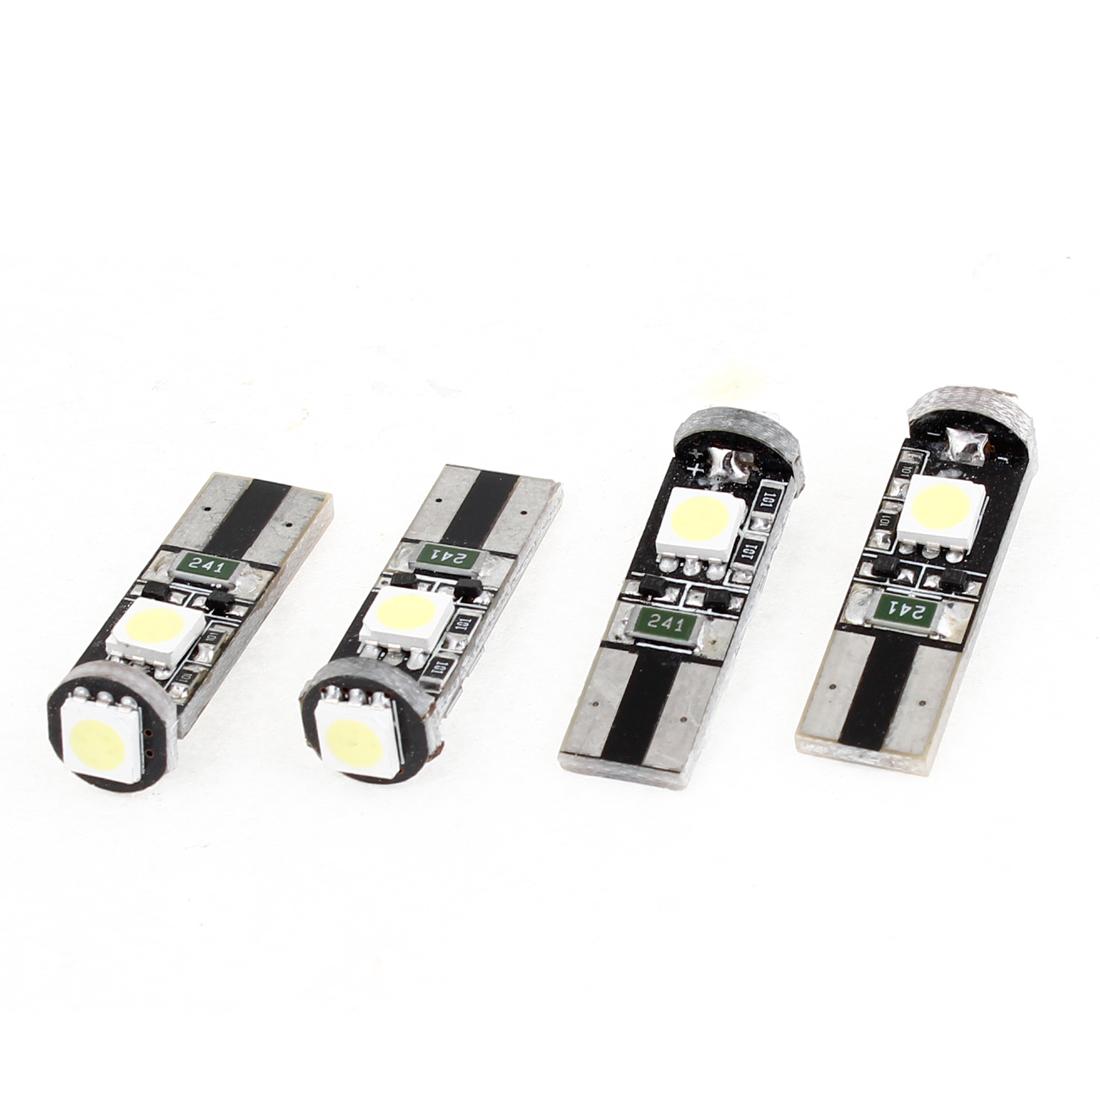 Unique Bargains Car Vehicles No Error Canbus W5W T10 5050 SMD 3 LED White Light Bulb 4 Pieces